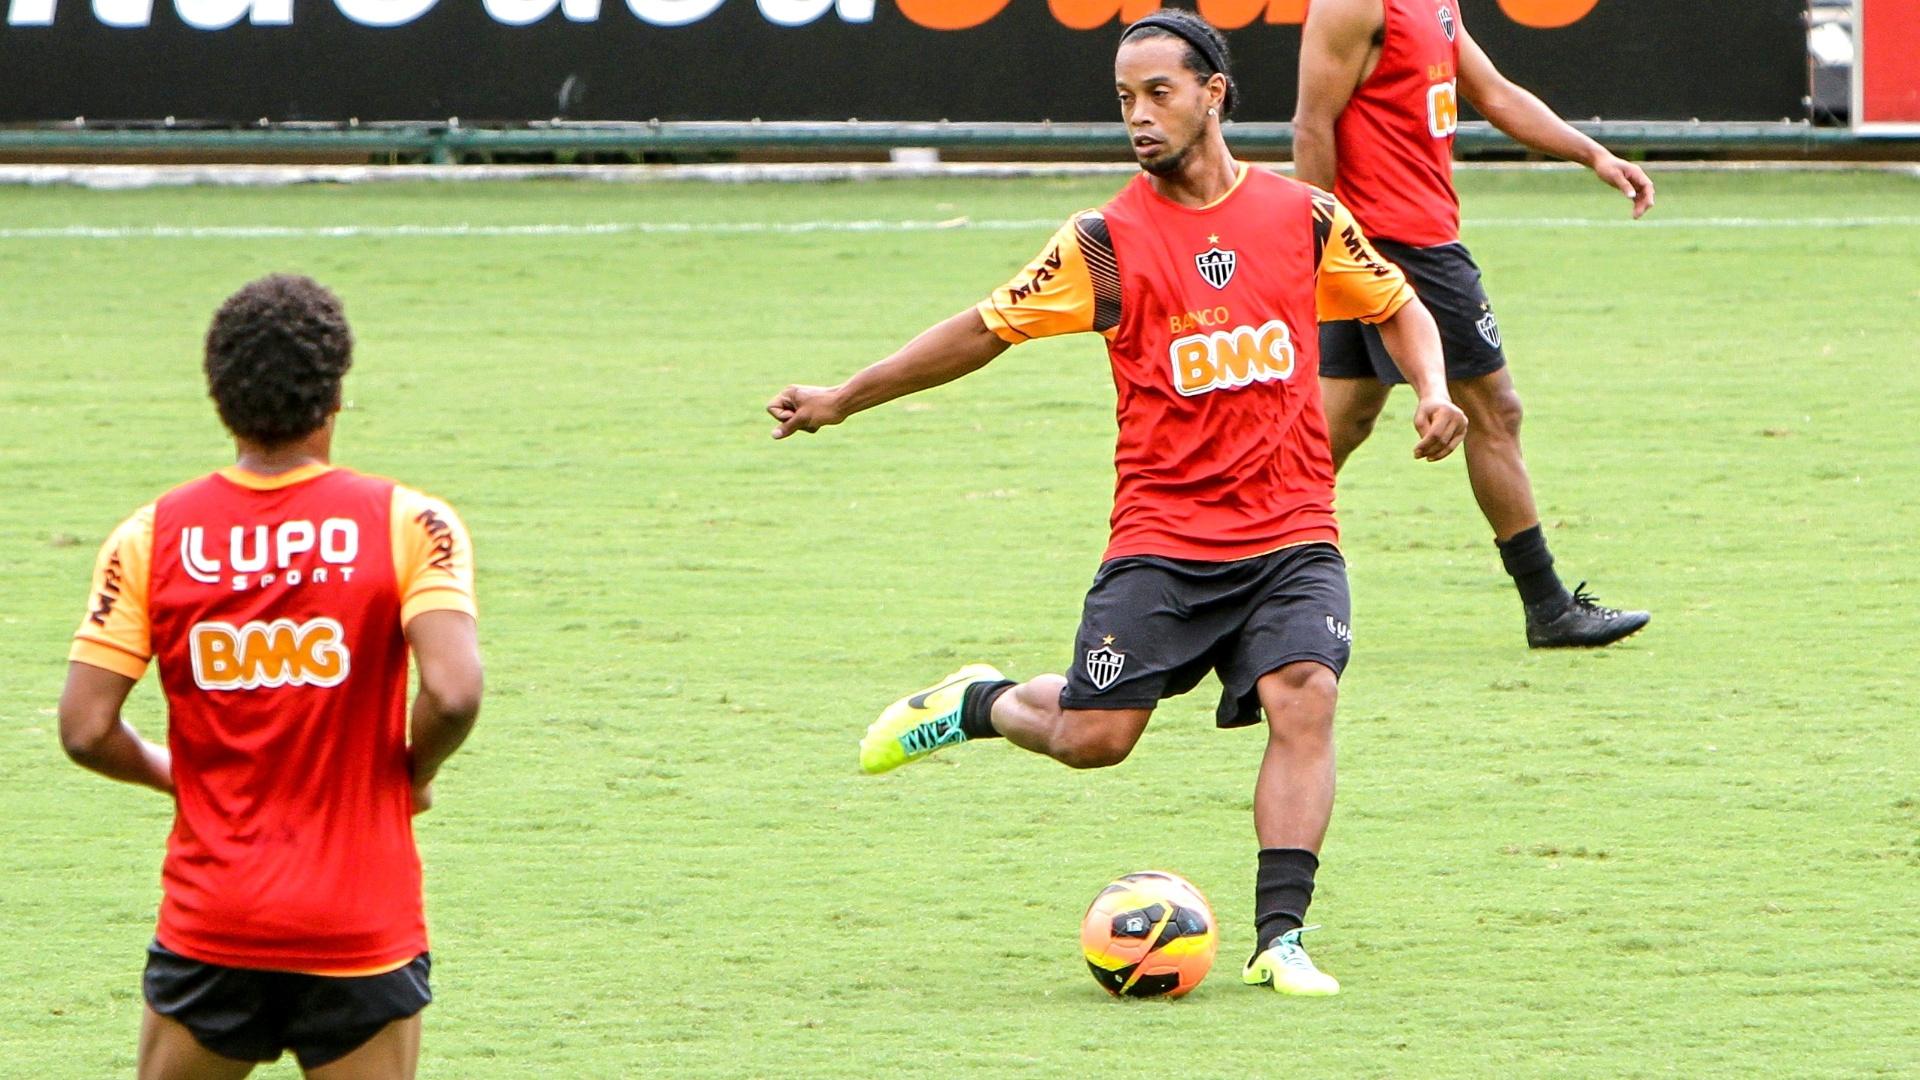 Ronaldinho Gaúcho participa de treino com bola no Atlético-MG, na Cidade do Galo (27/11/2013)